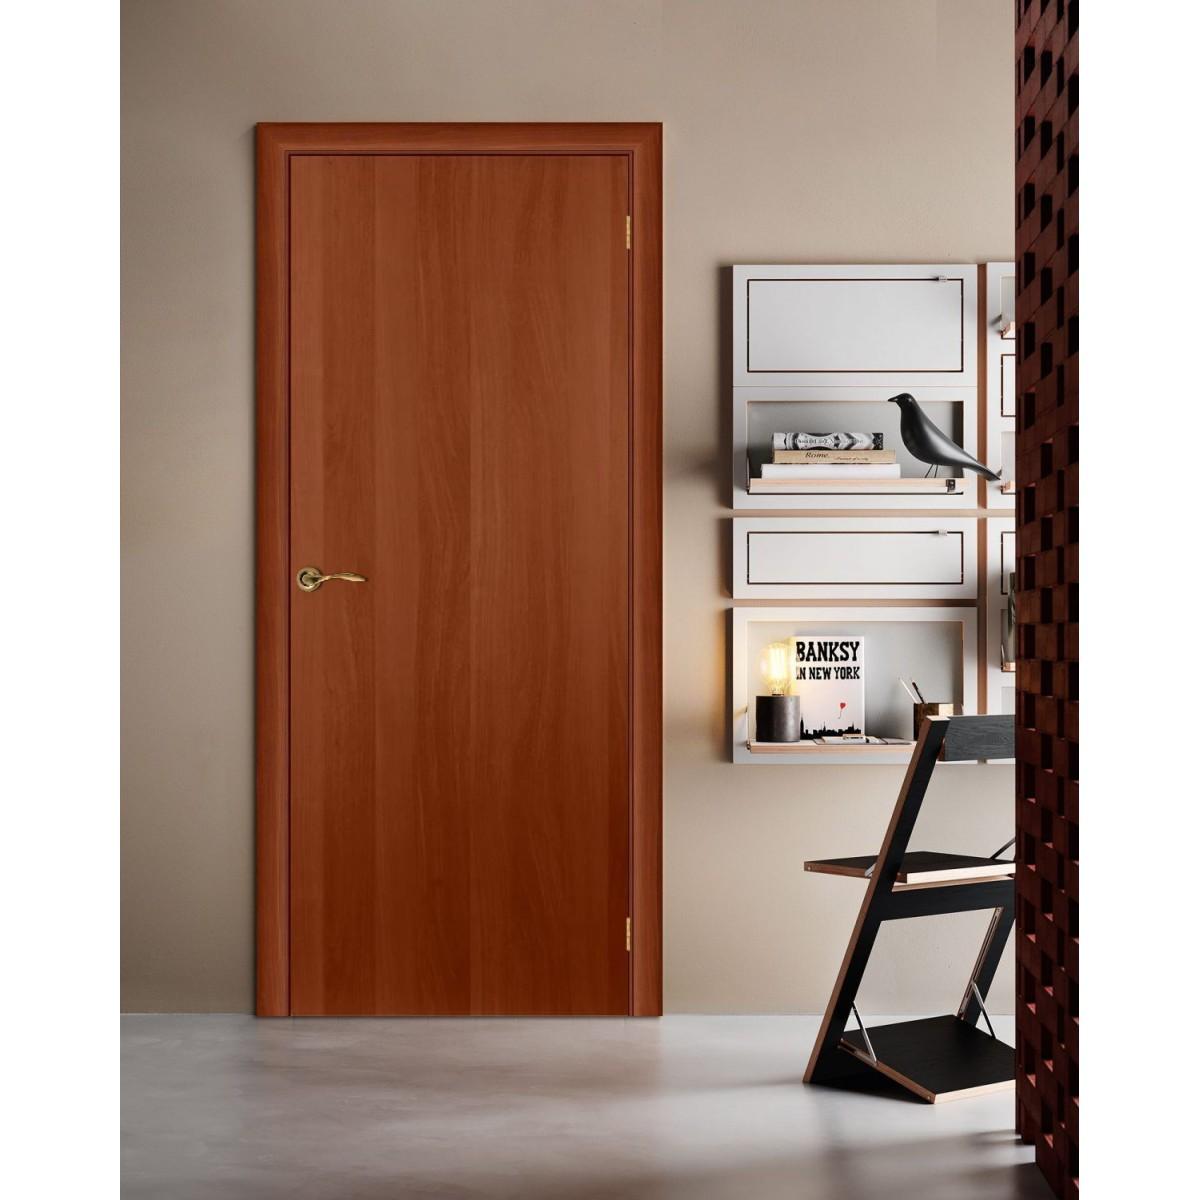 Дверь Межкомнатная Глухая Ламинированная 70x200 Цвет Итальянский Орех